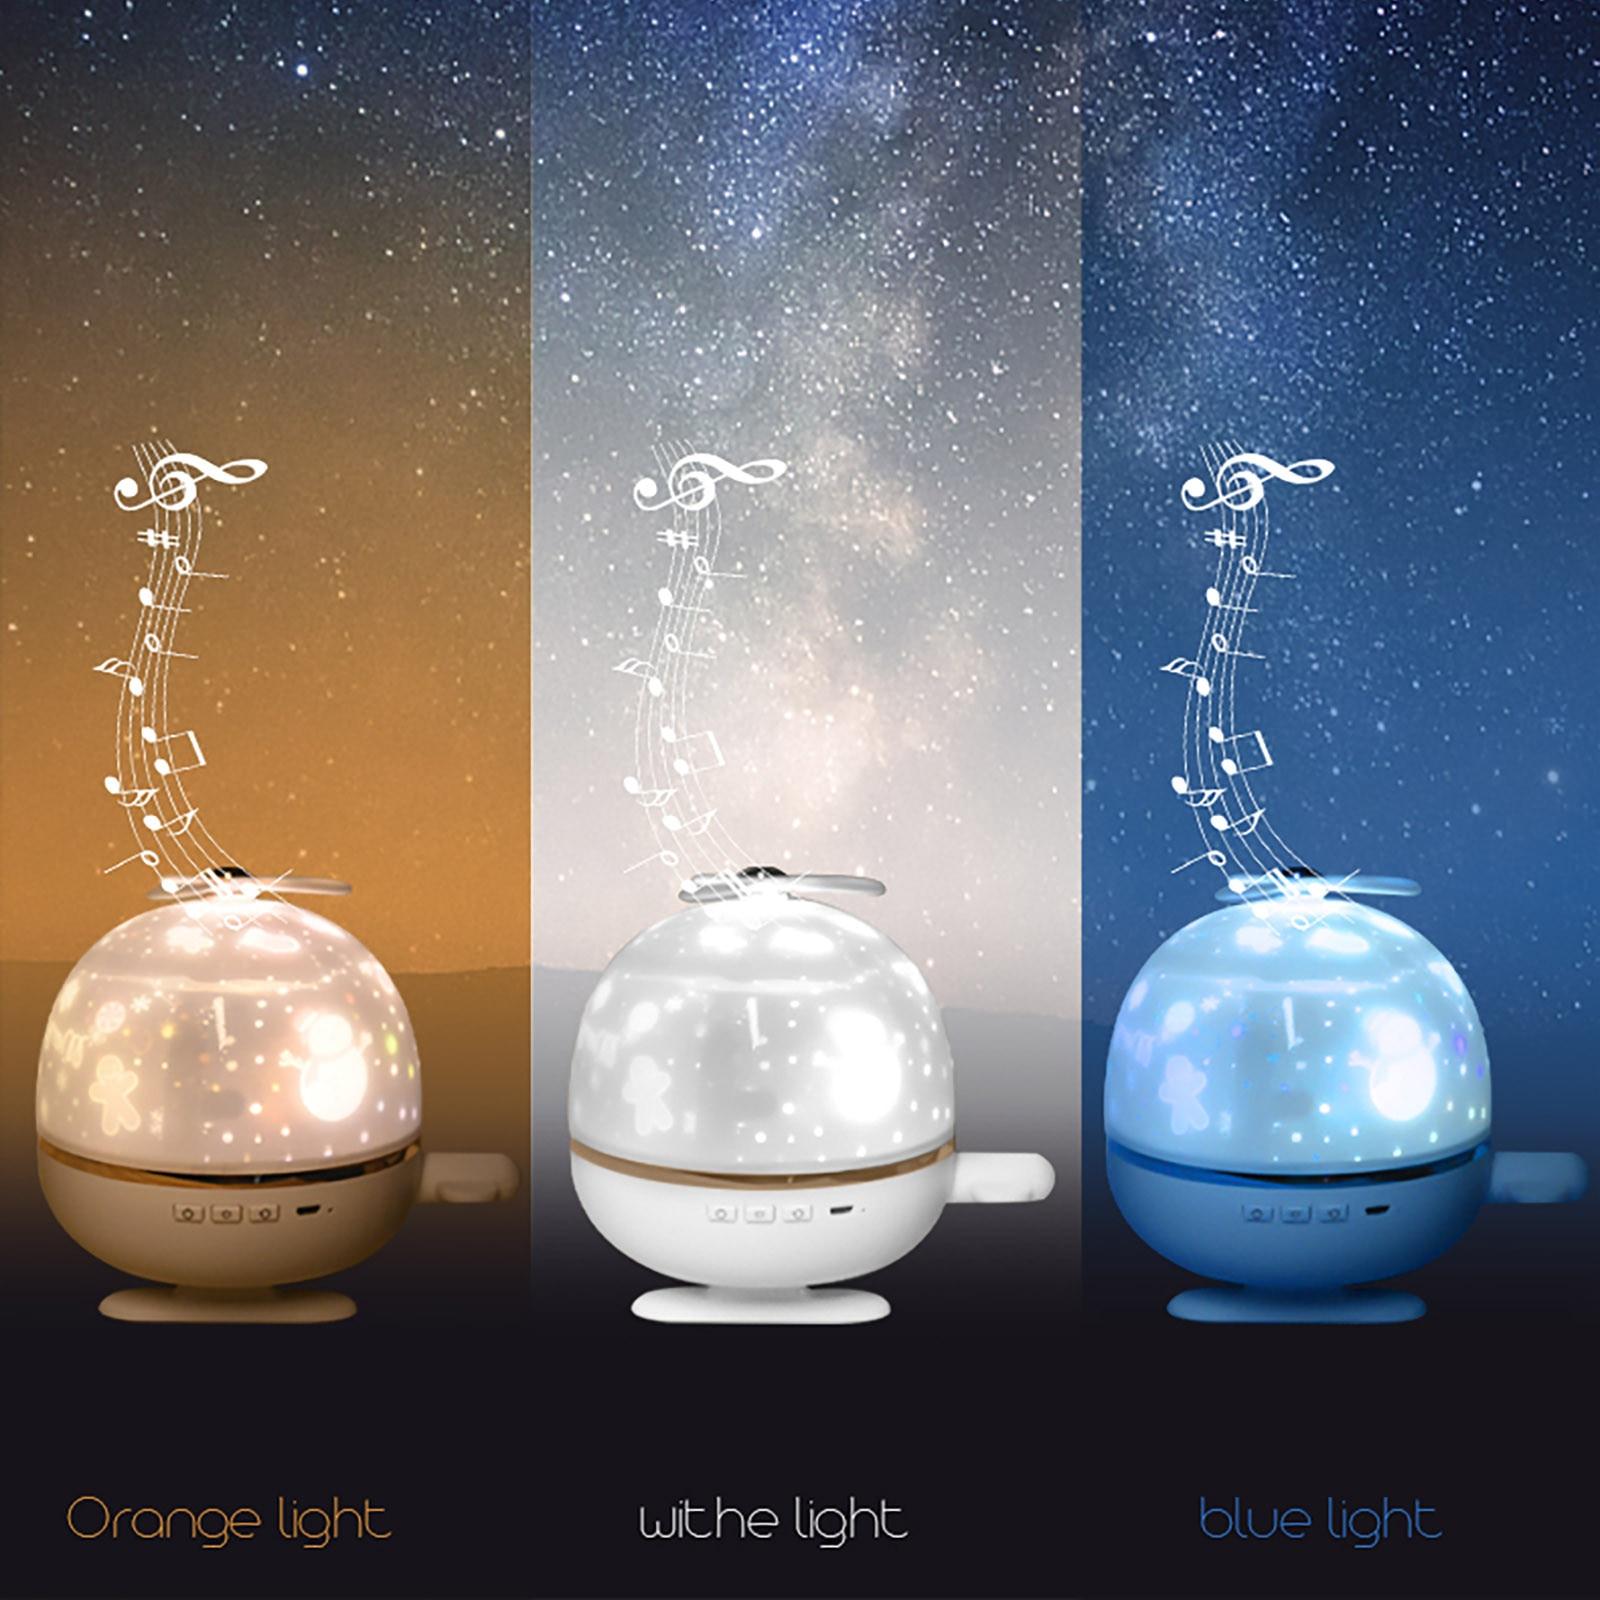 40 # noite luz estrela projetor usb plug-in uso festa de aniversário presente sonho recarregável universo céu estrelado girando luz led